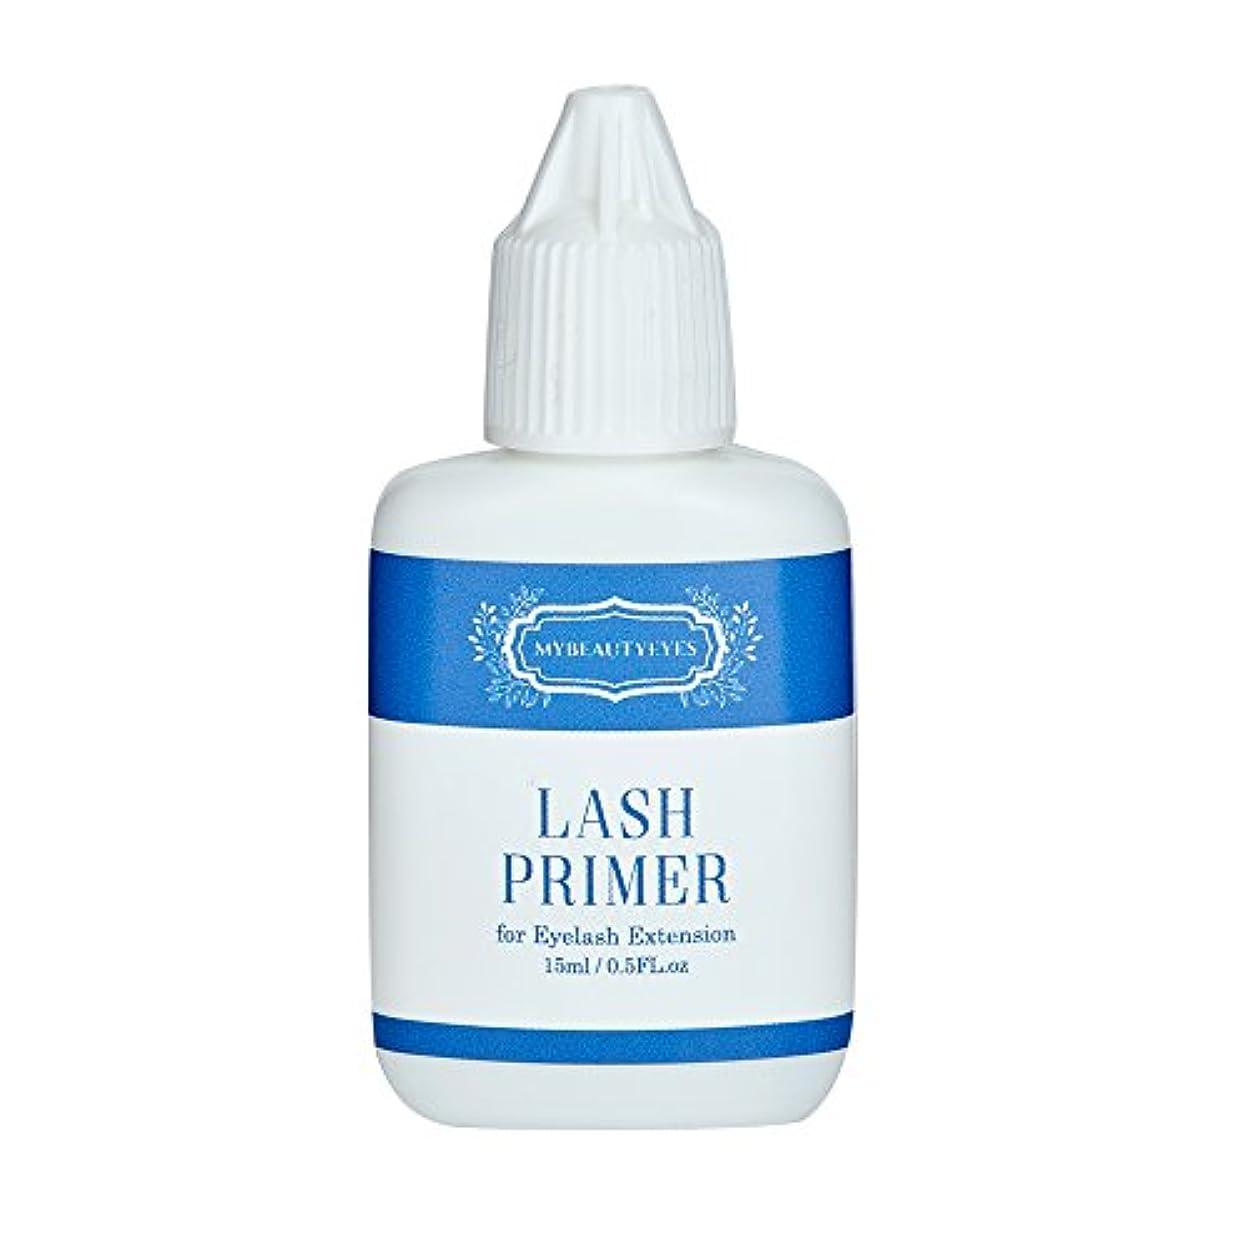 創始者チャップ誠実さまつ毛エクステ用前処理剤 Lash Primer 15ml/まつ毛エクステ用プライマー/エクステ前にタンパク質オイルを落としてエクステの持続力をアップ